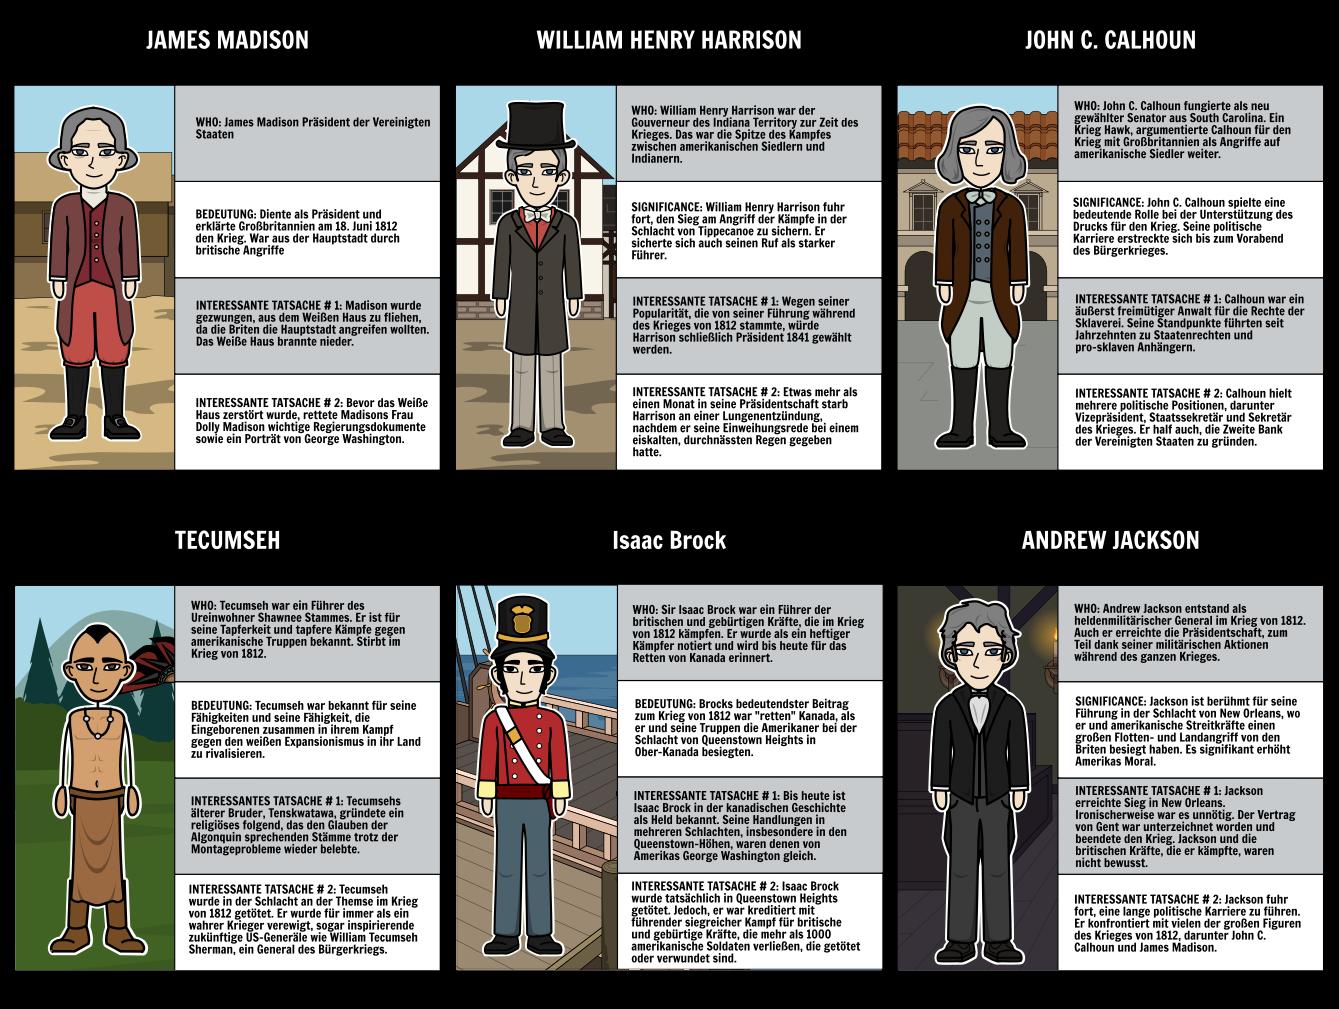 Krieg von 1812 - Major Figures im Krieg von 1812